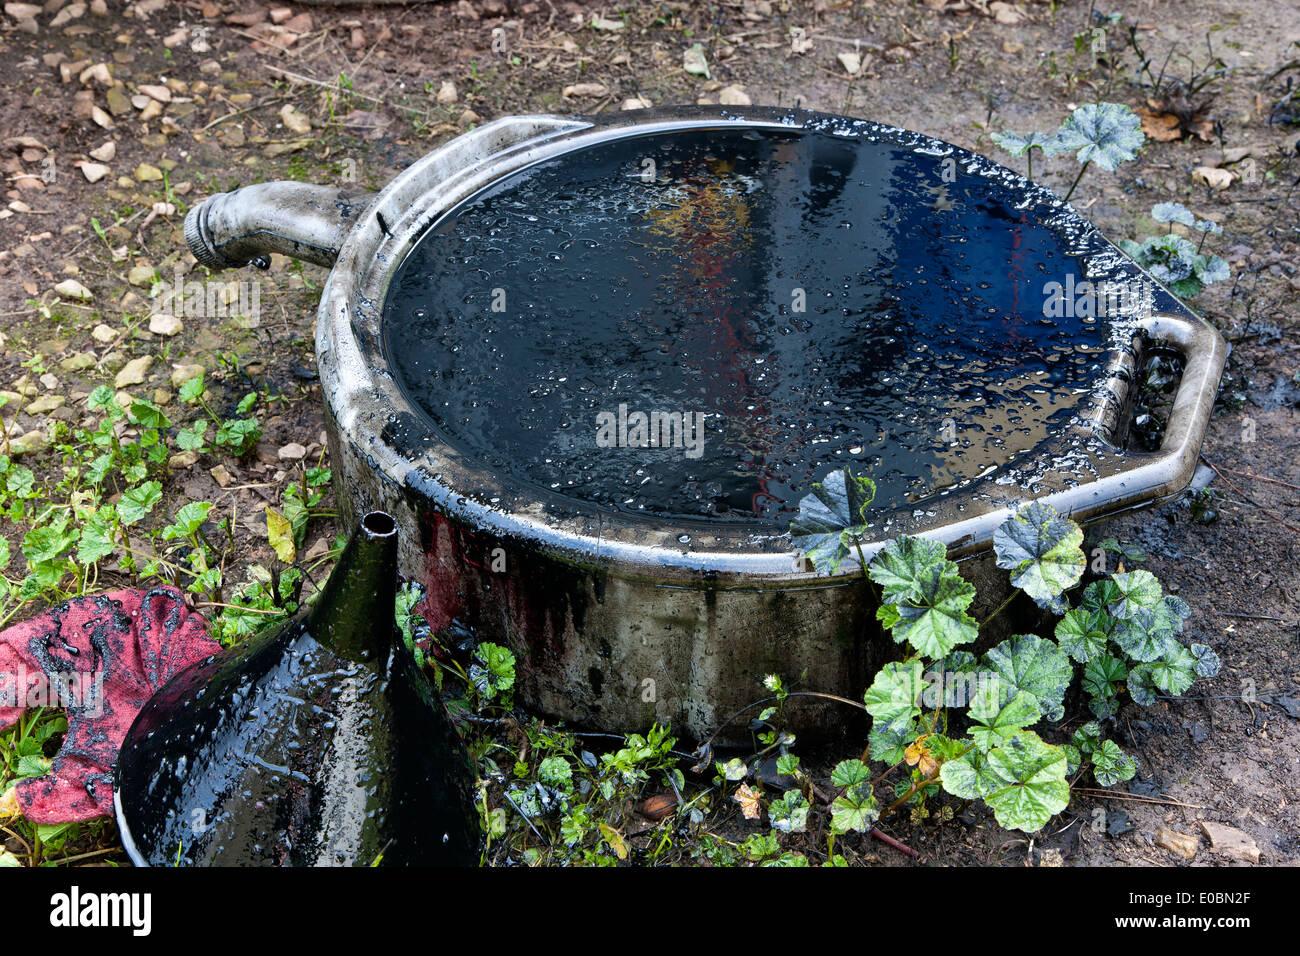 Bac de vidange d'huile qui débordent, sale contenant de l'huile moteur. Photo Stock